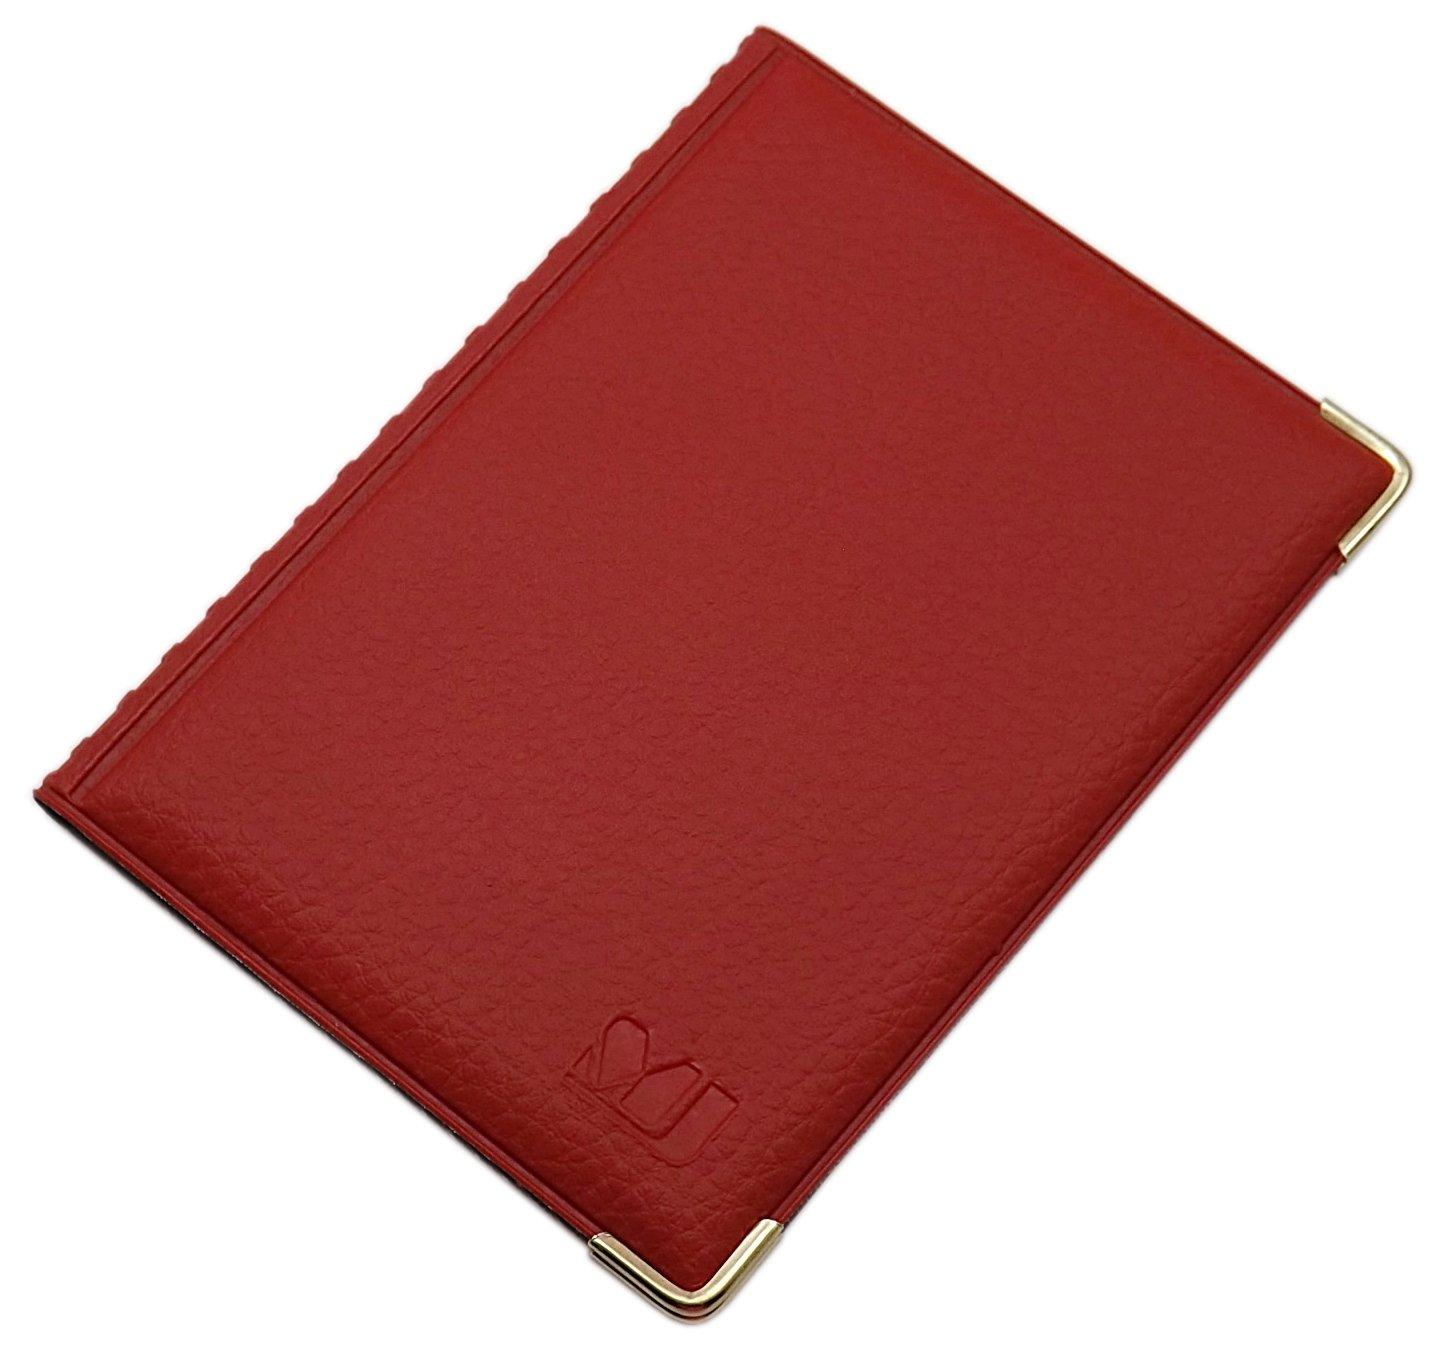 Exclusives Ausweis- und Kreditkartenetui mit Schutzecken aus Metall 4 Fächer MJ-Design-Germany Made in EU in verschiedenen Farben und Designs (Design 1 / Schwarz)